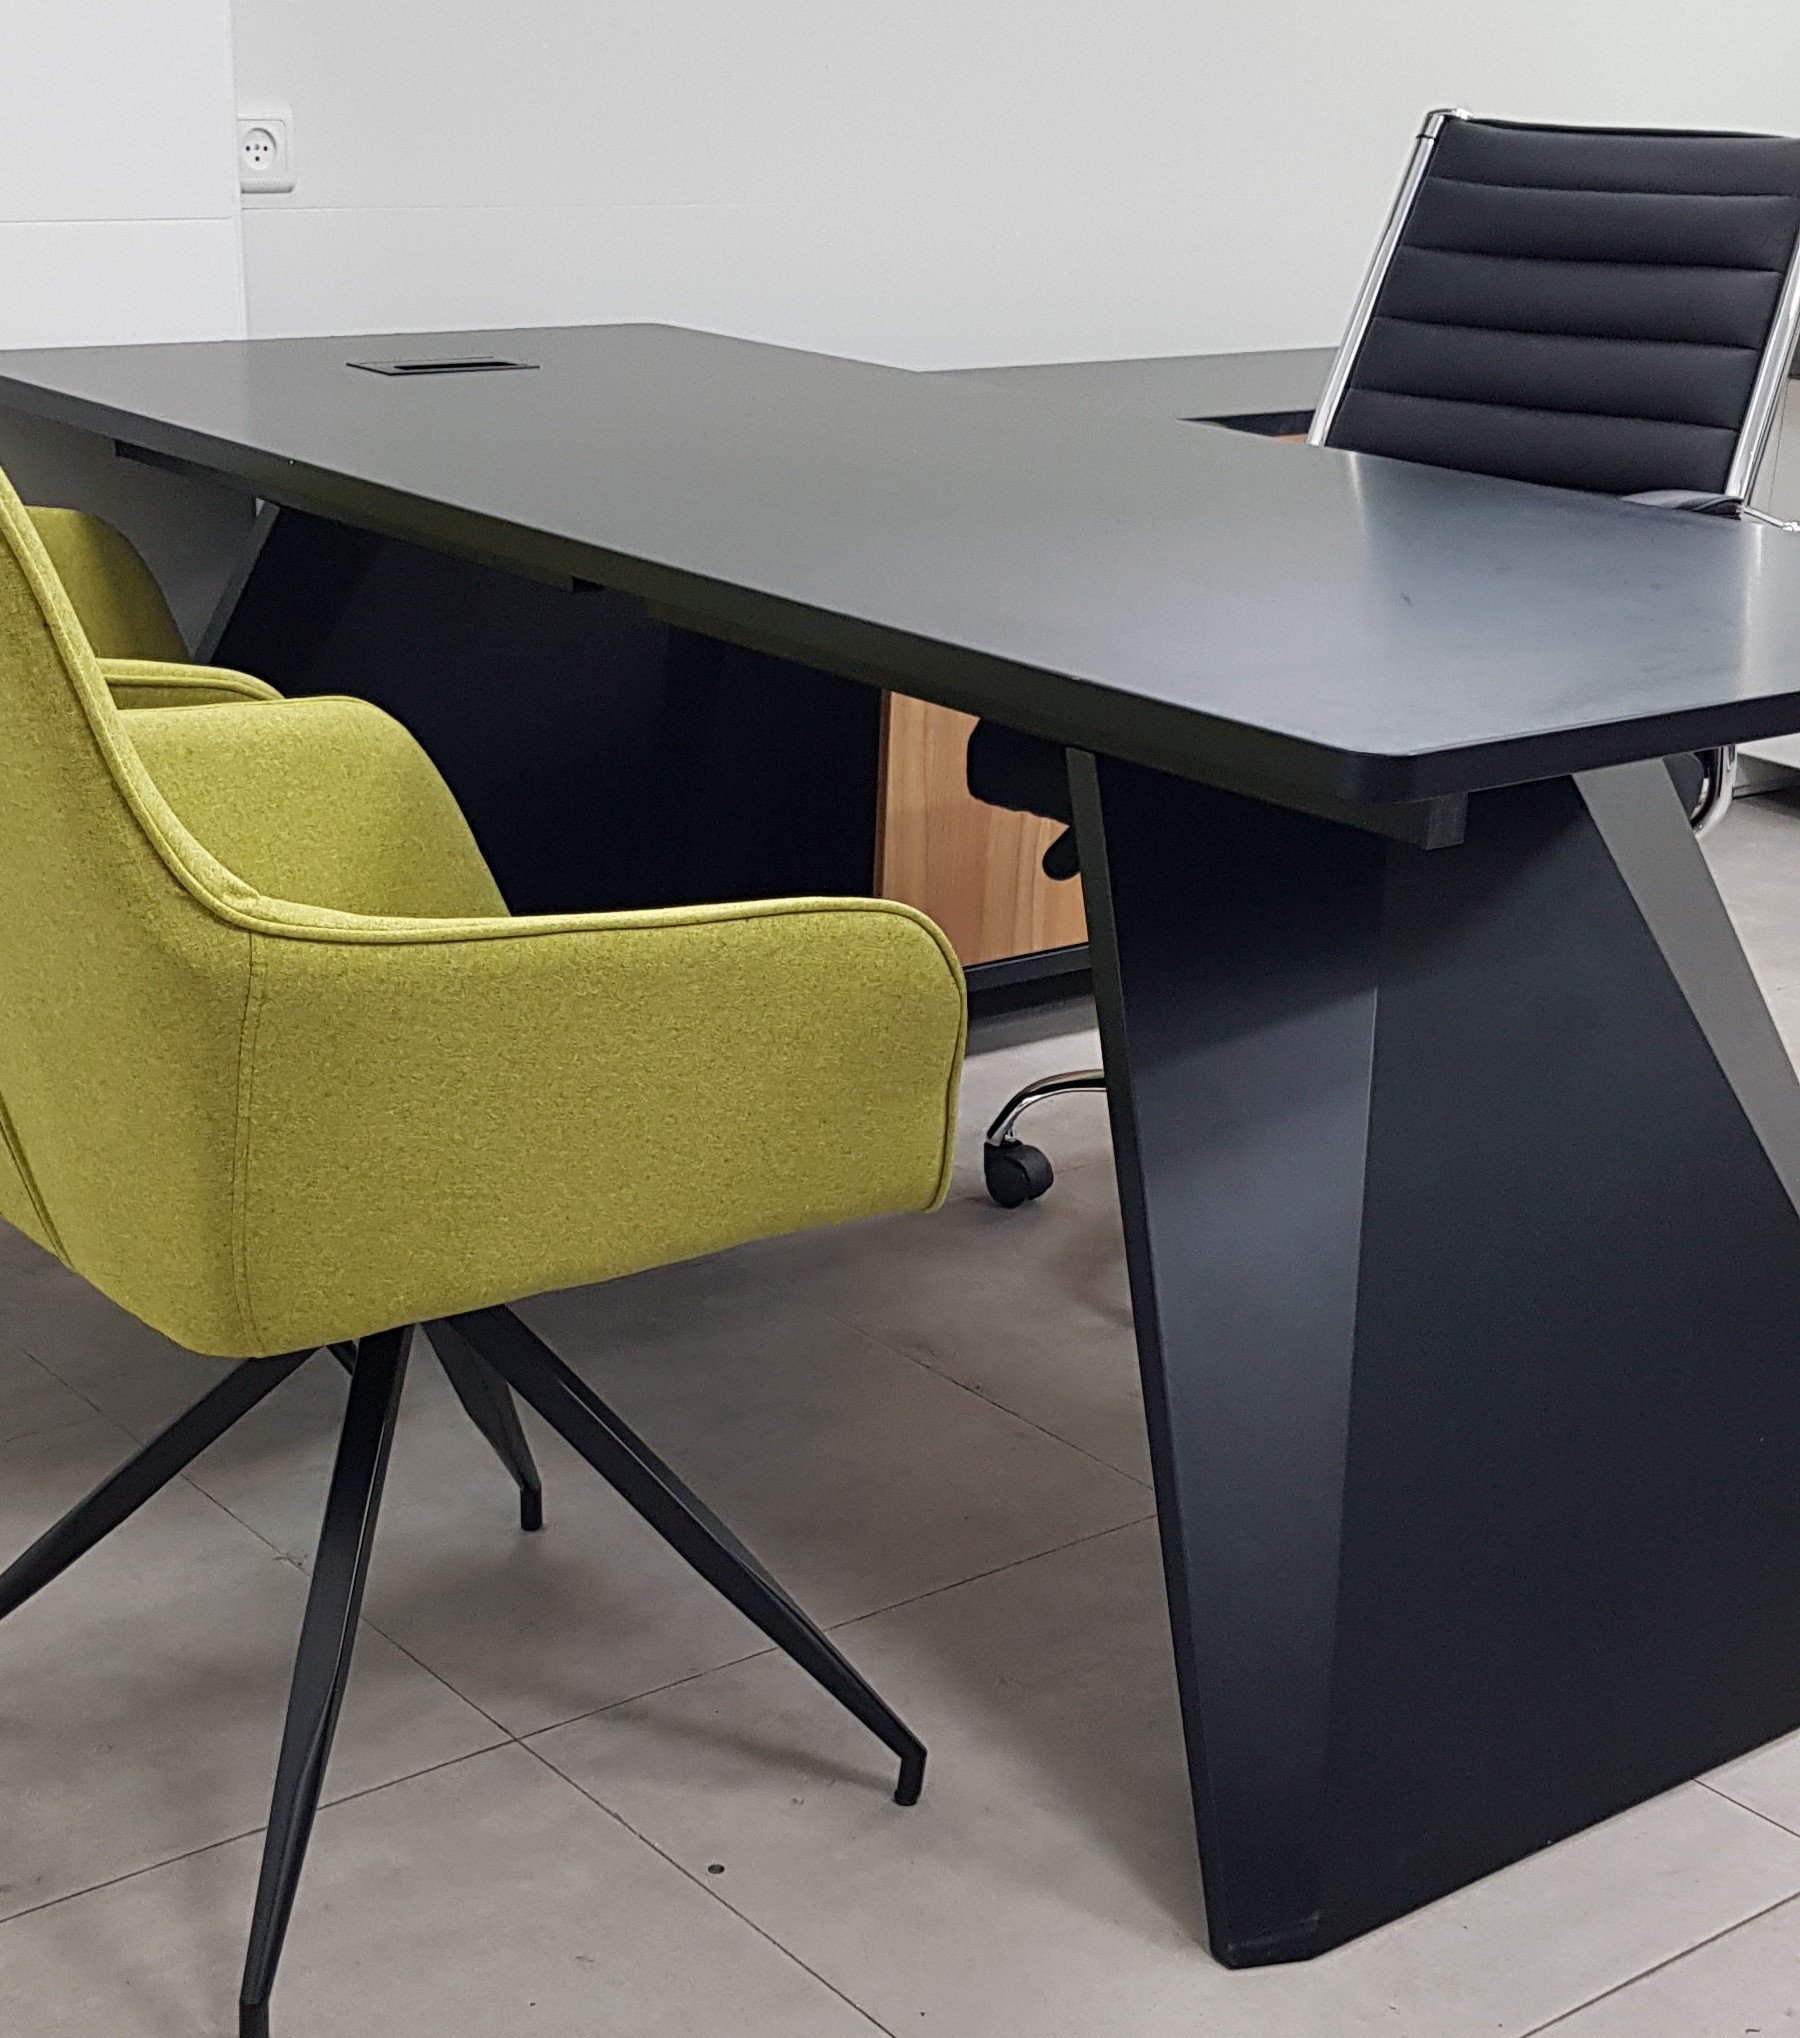 שולחן משרדי דגם סטינג צילום צד